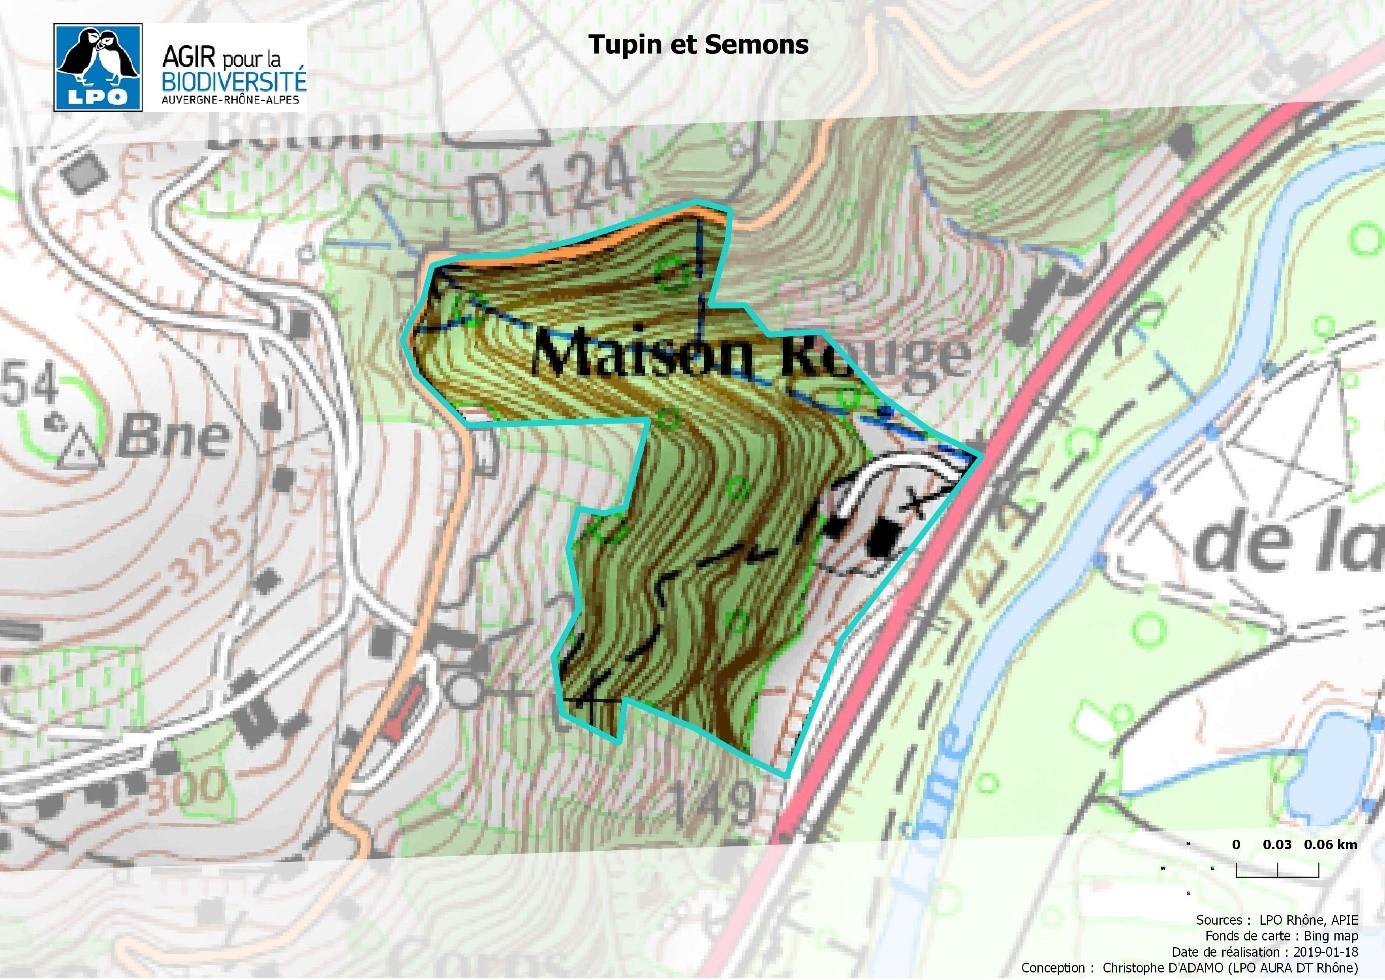 https://cdnfiles1.biolovision.net/www.faune-rhone.org/userfiles/GroupeAlerte/Tupin.jpg